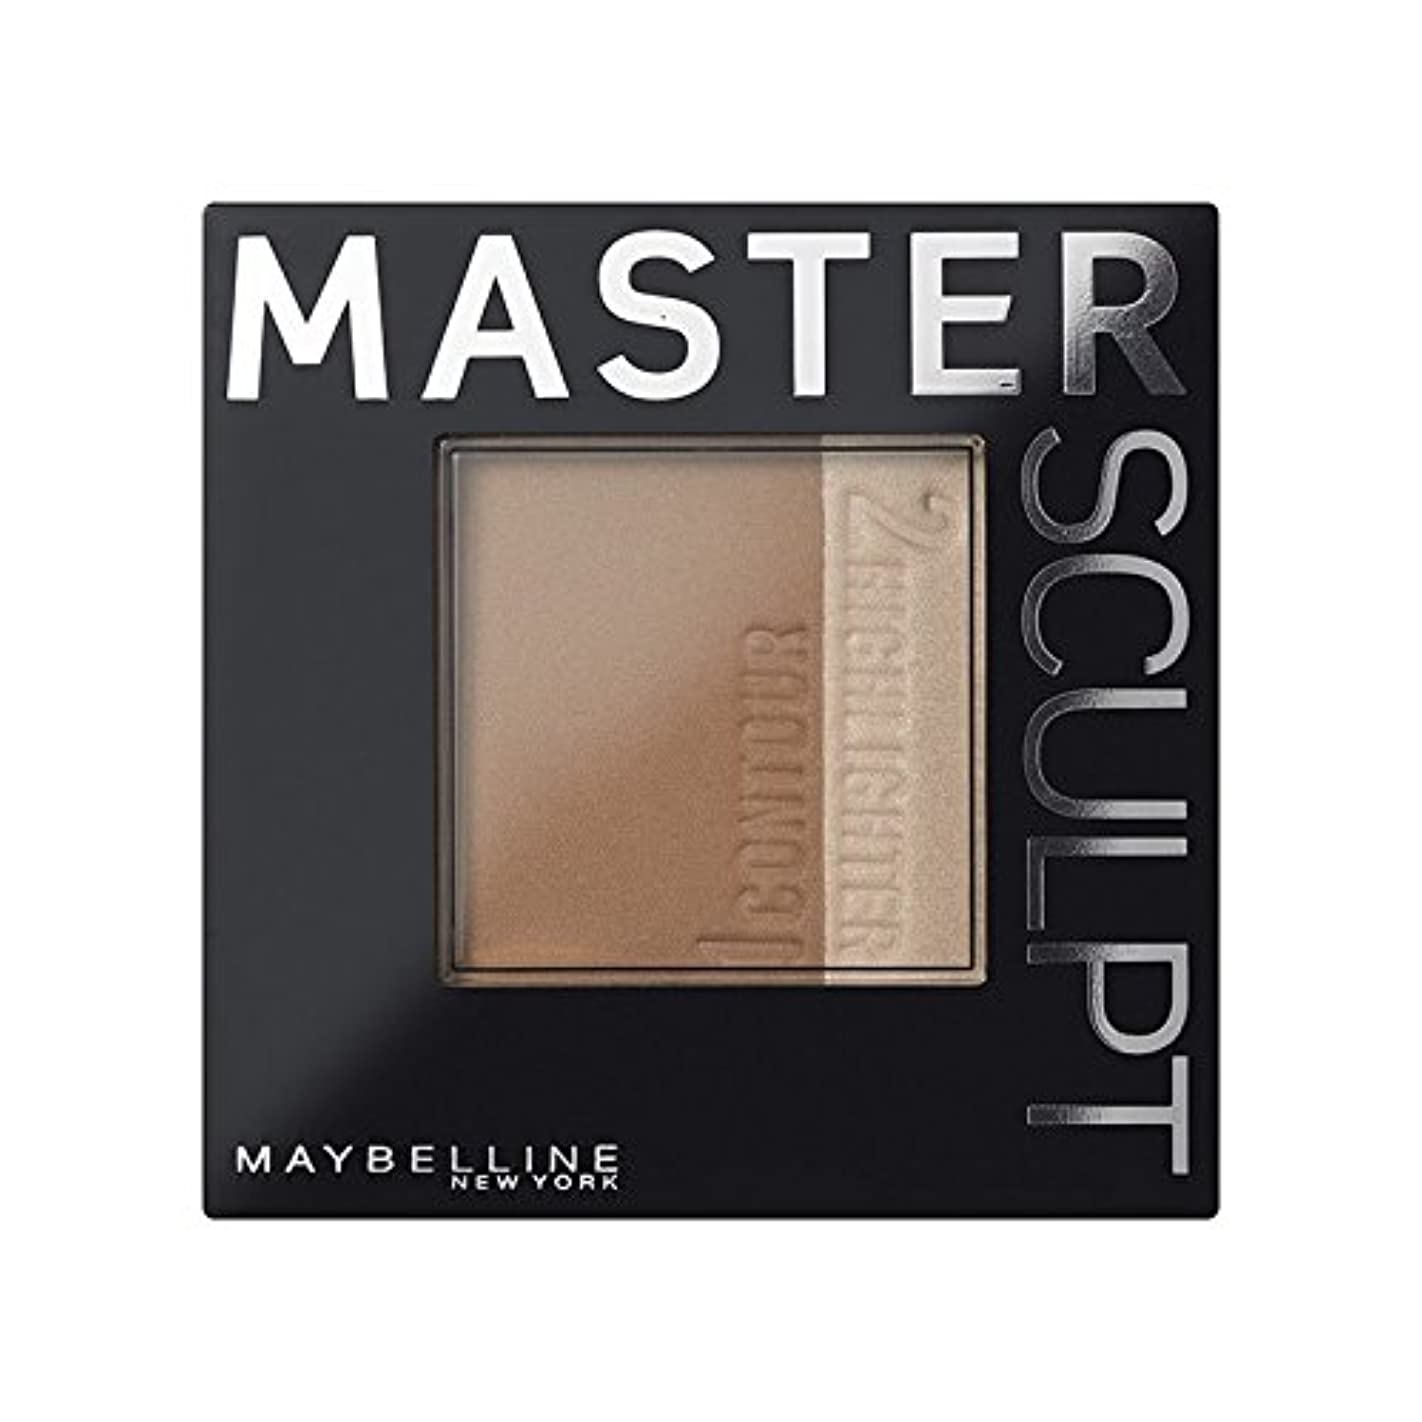 億相反するしなやかな土台01光/ を輪郭メイベリンマスタースカルプト x4 - Maybelline Master Sculpt Contouring Foundation 01 Light/Med (Pack of 4) [並行輸入品]